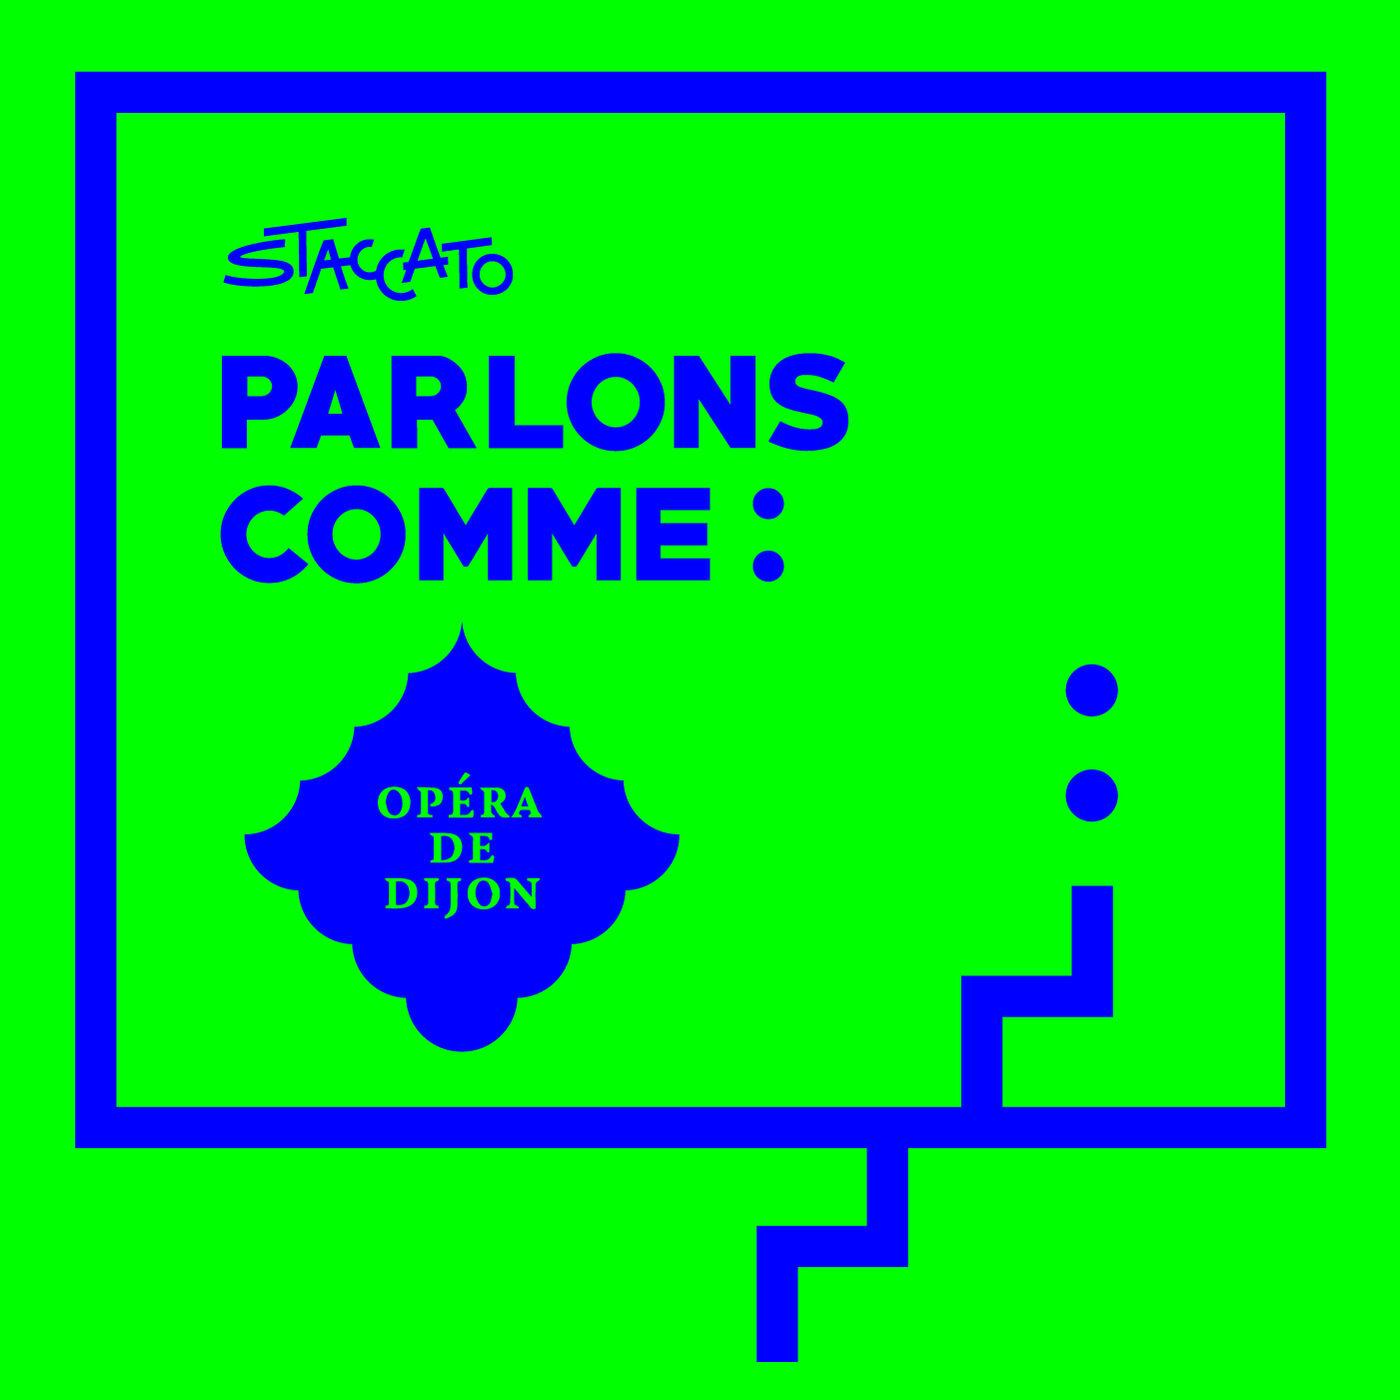 Les vidéos de bande-annonce pour l'Opéra de Dijon